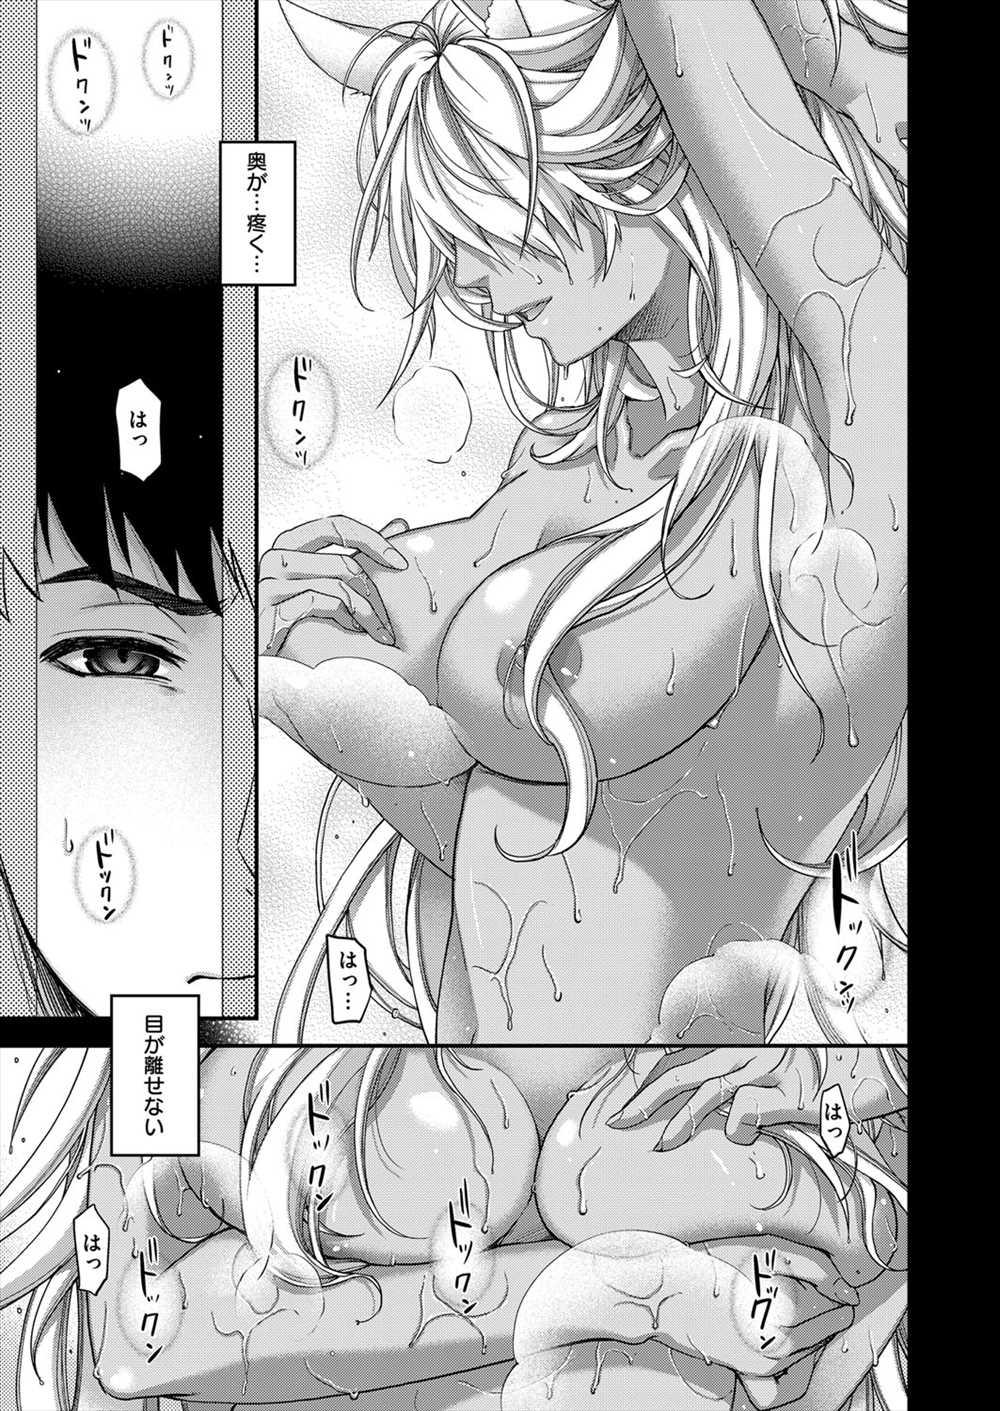 【エロ漫画】ケモノ耳神様の全裸風呂シーンに遭遇…手コキされて立ちマン生挿入中出しww【日吉ハナ:蠱惑のケモノ】